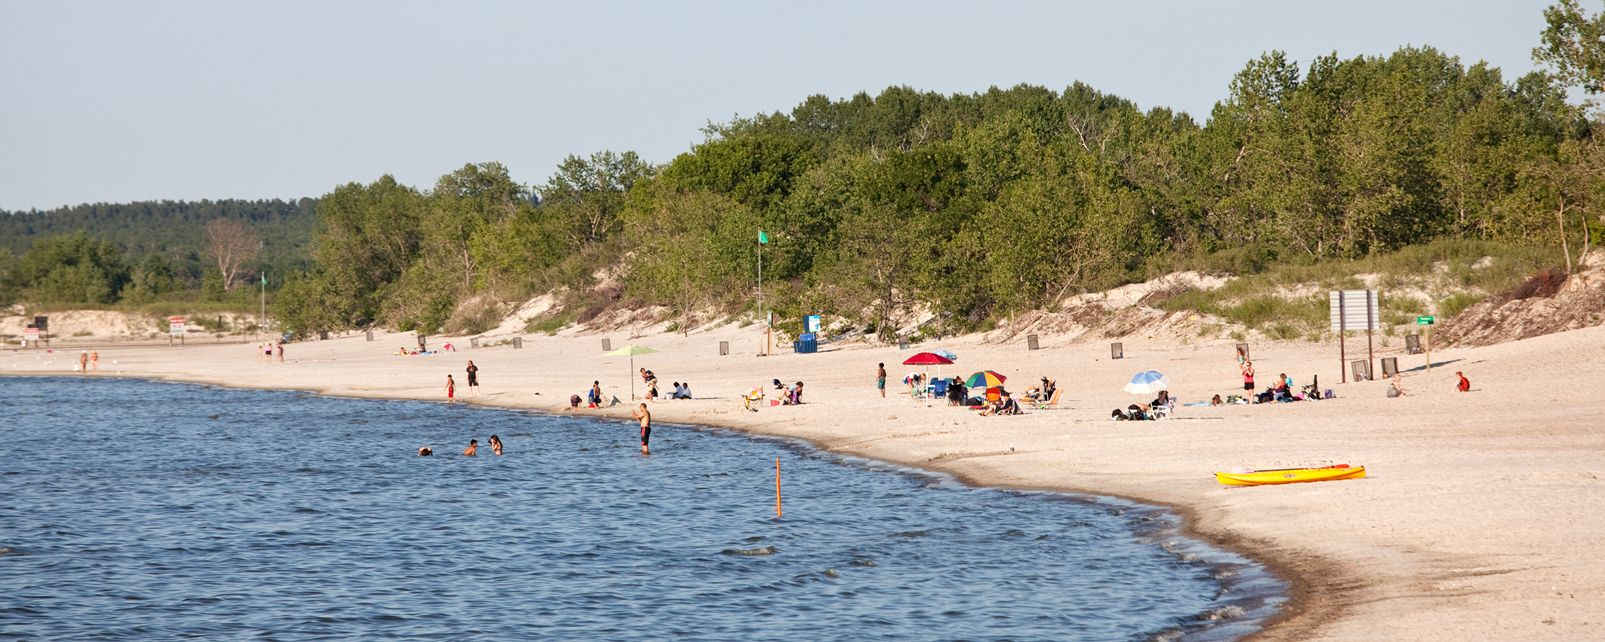 Les paysages, Lake Winnipeg, Grand Beach Provincial Park, Manitoba, grand Beach, Canada, amérique, plage, été